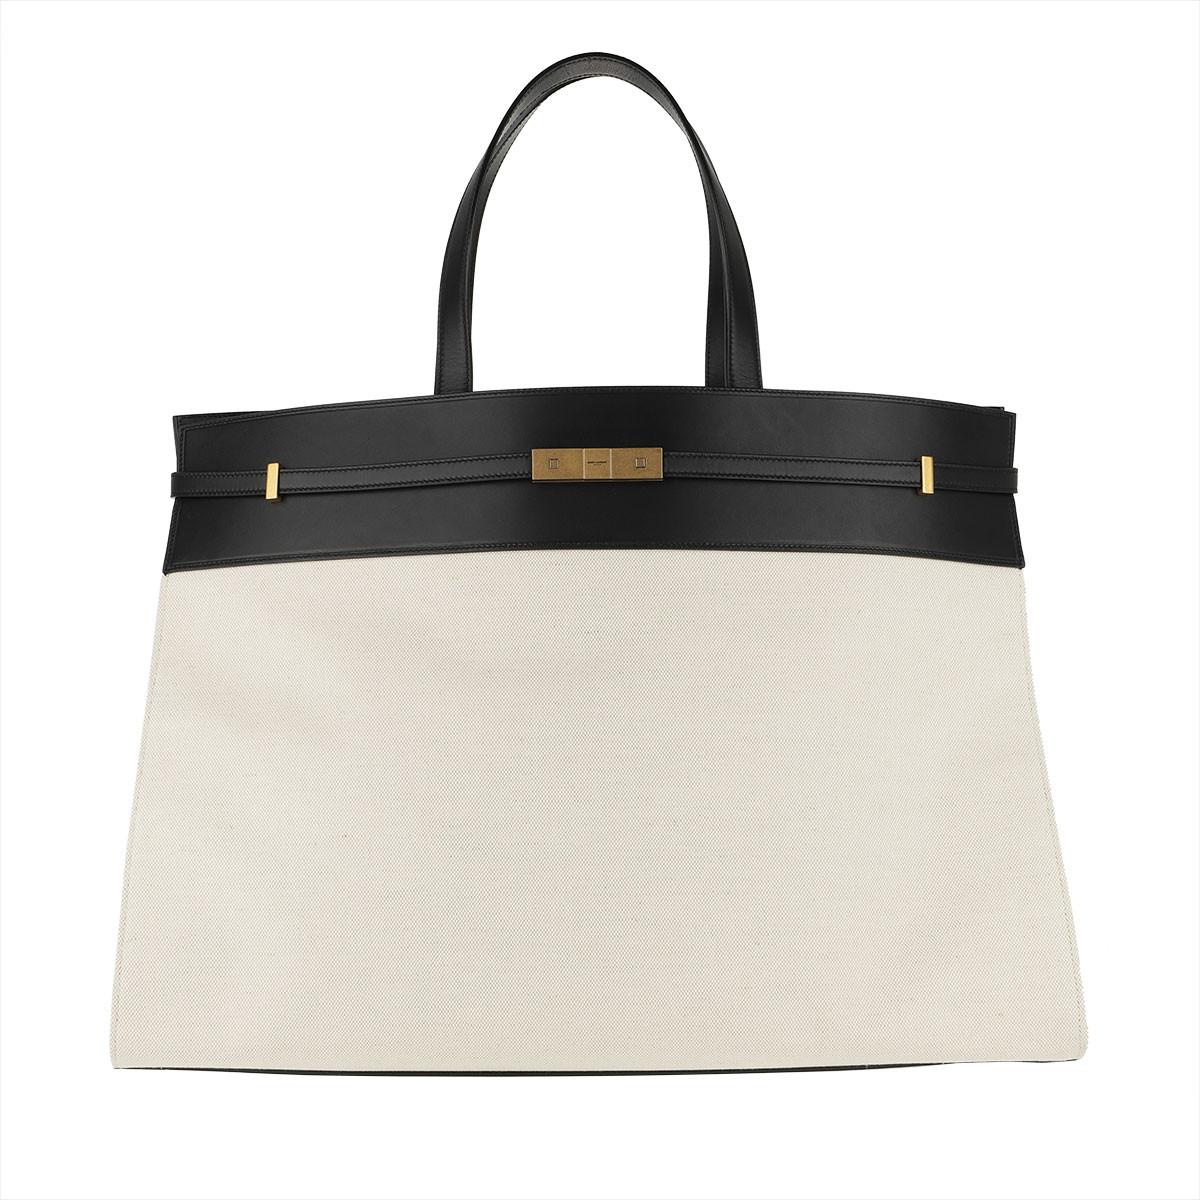 Saint Laurent Tote - Saint Laurent Bag 554039 GGK9W Grigio/Nero - in weiß - für Damen